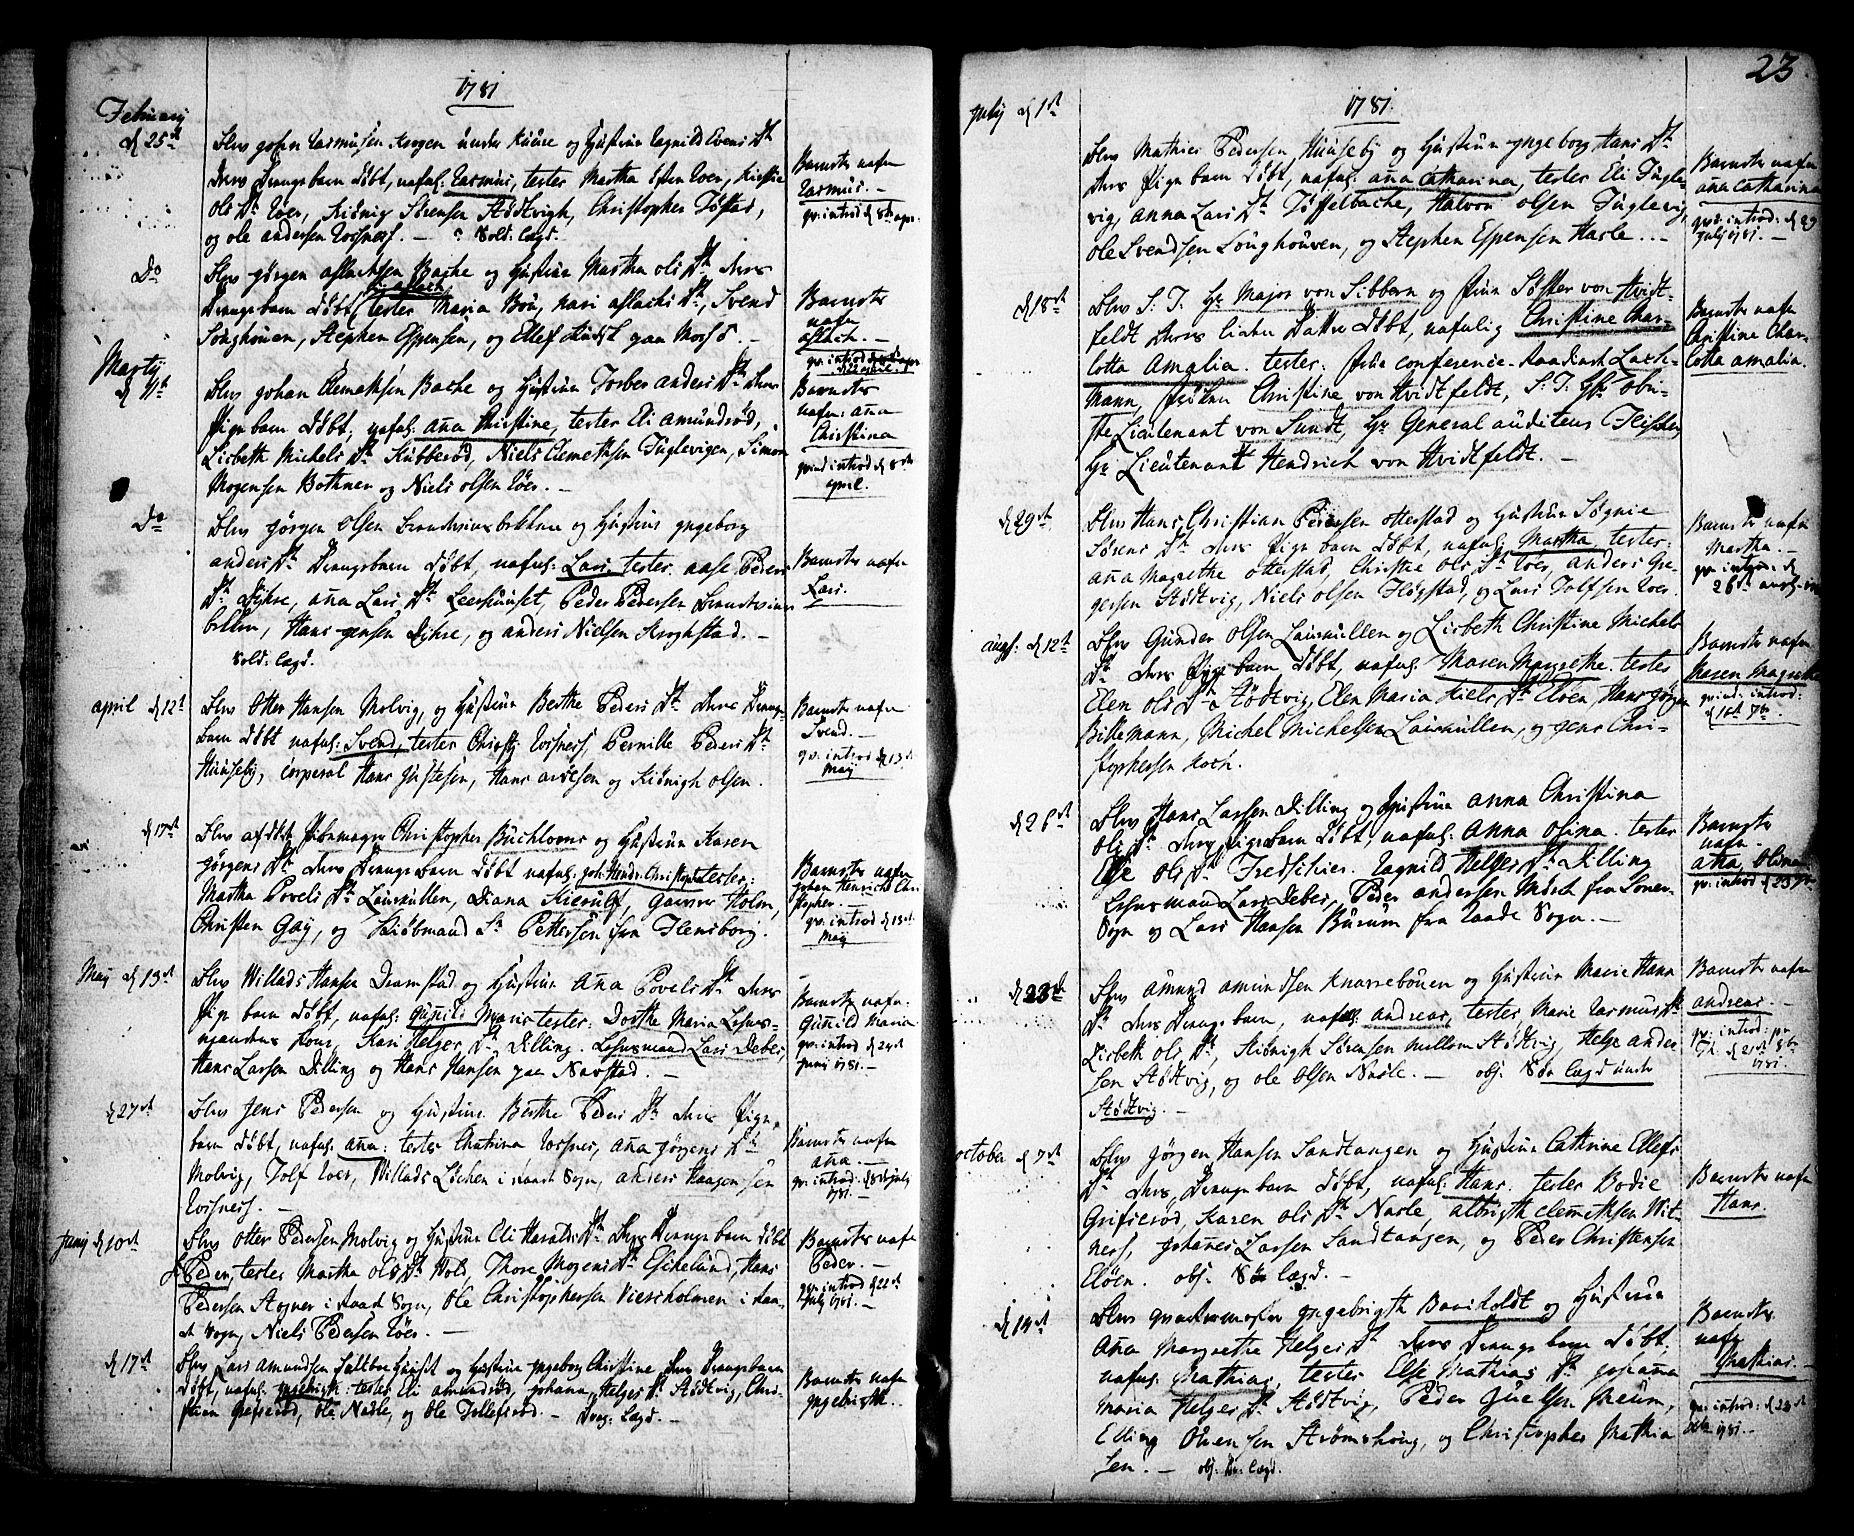 SAO, Rygge prestekontor Kirkebøker, F/Fa/L0002: Ministerialbok nr. 2, 1771-1814, s. 23